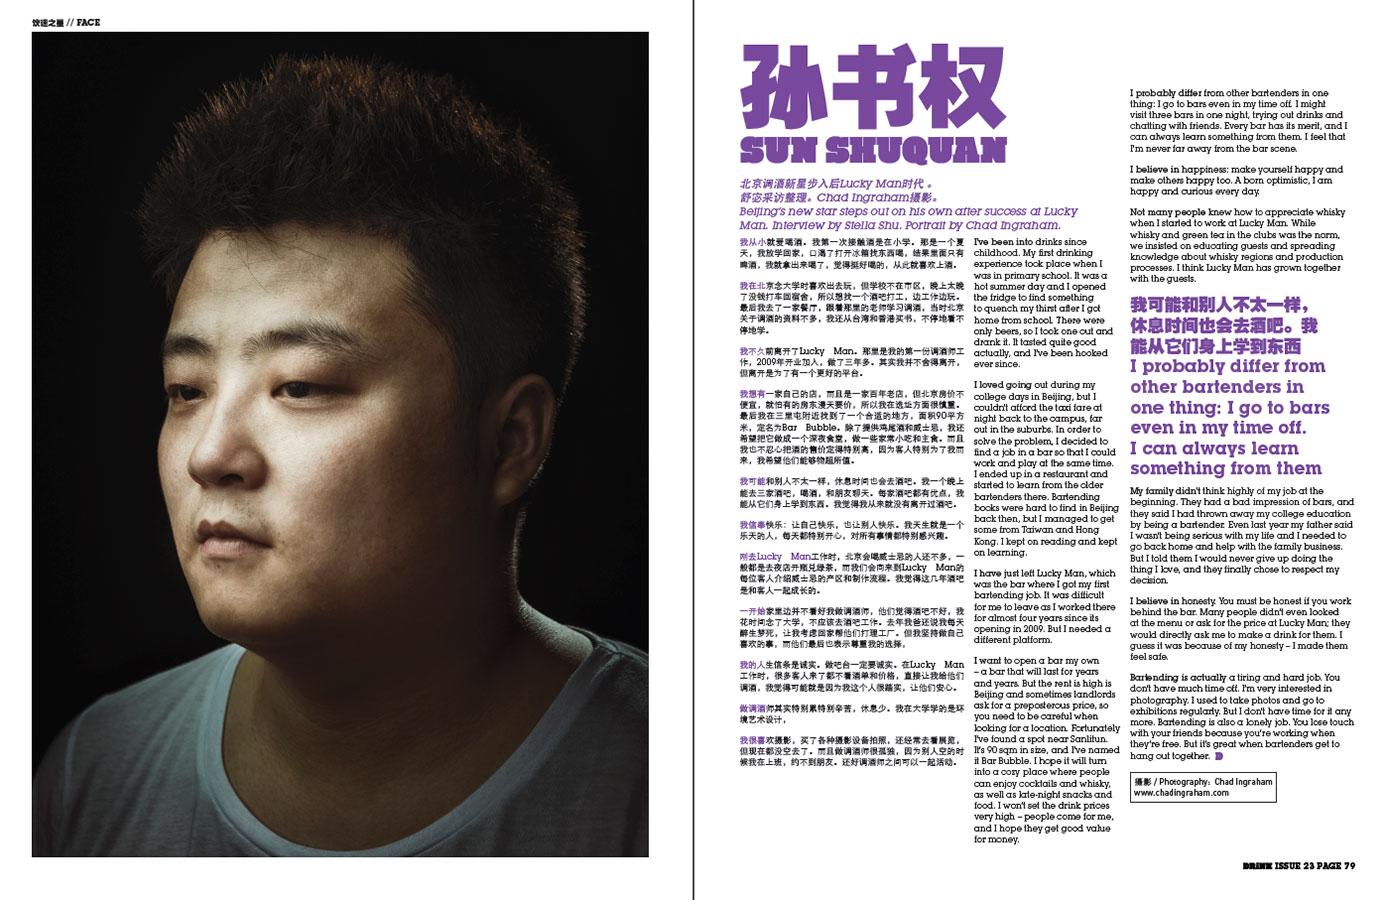 drink_magazine_face_sun_shuquan.jpg